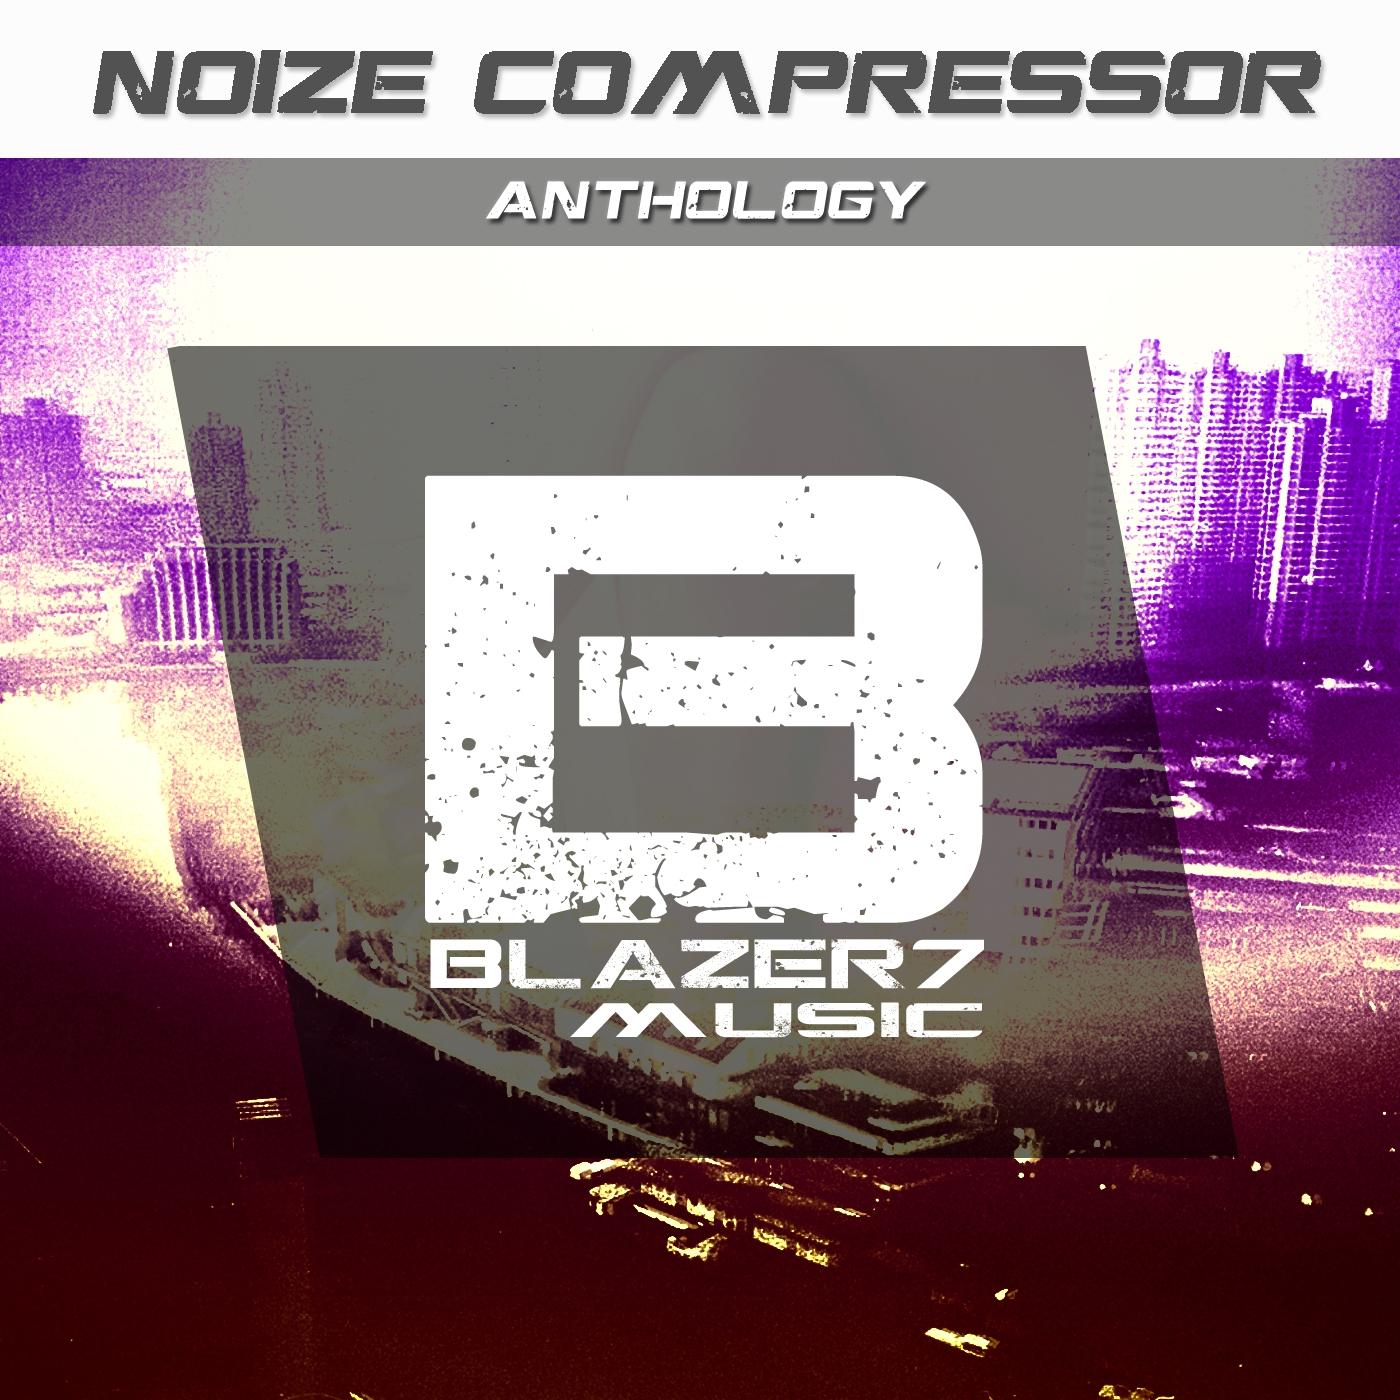 Noize Compressor - Mescaline (Original Mix)